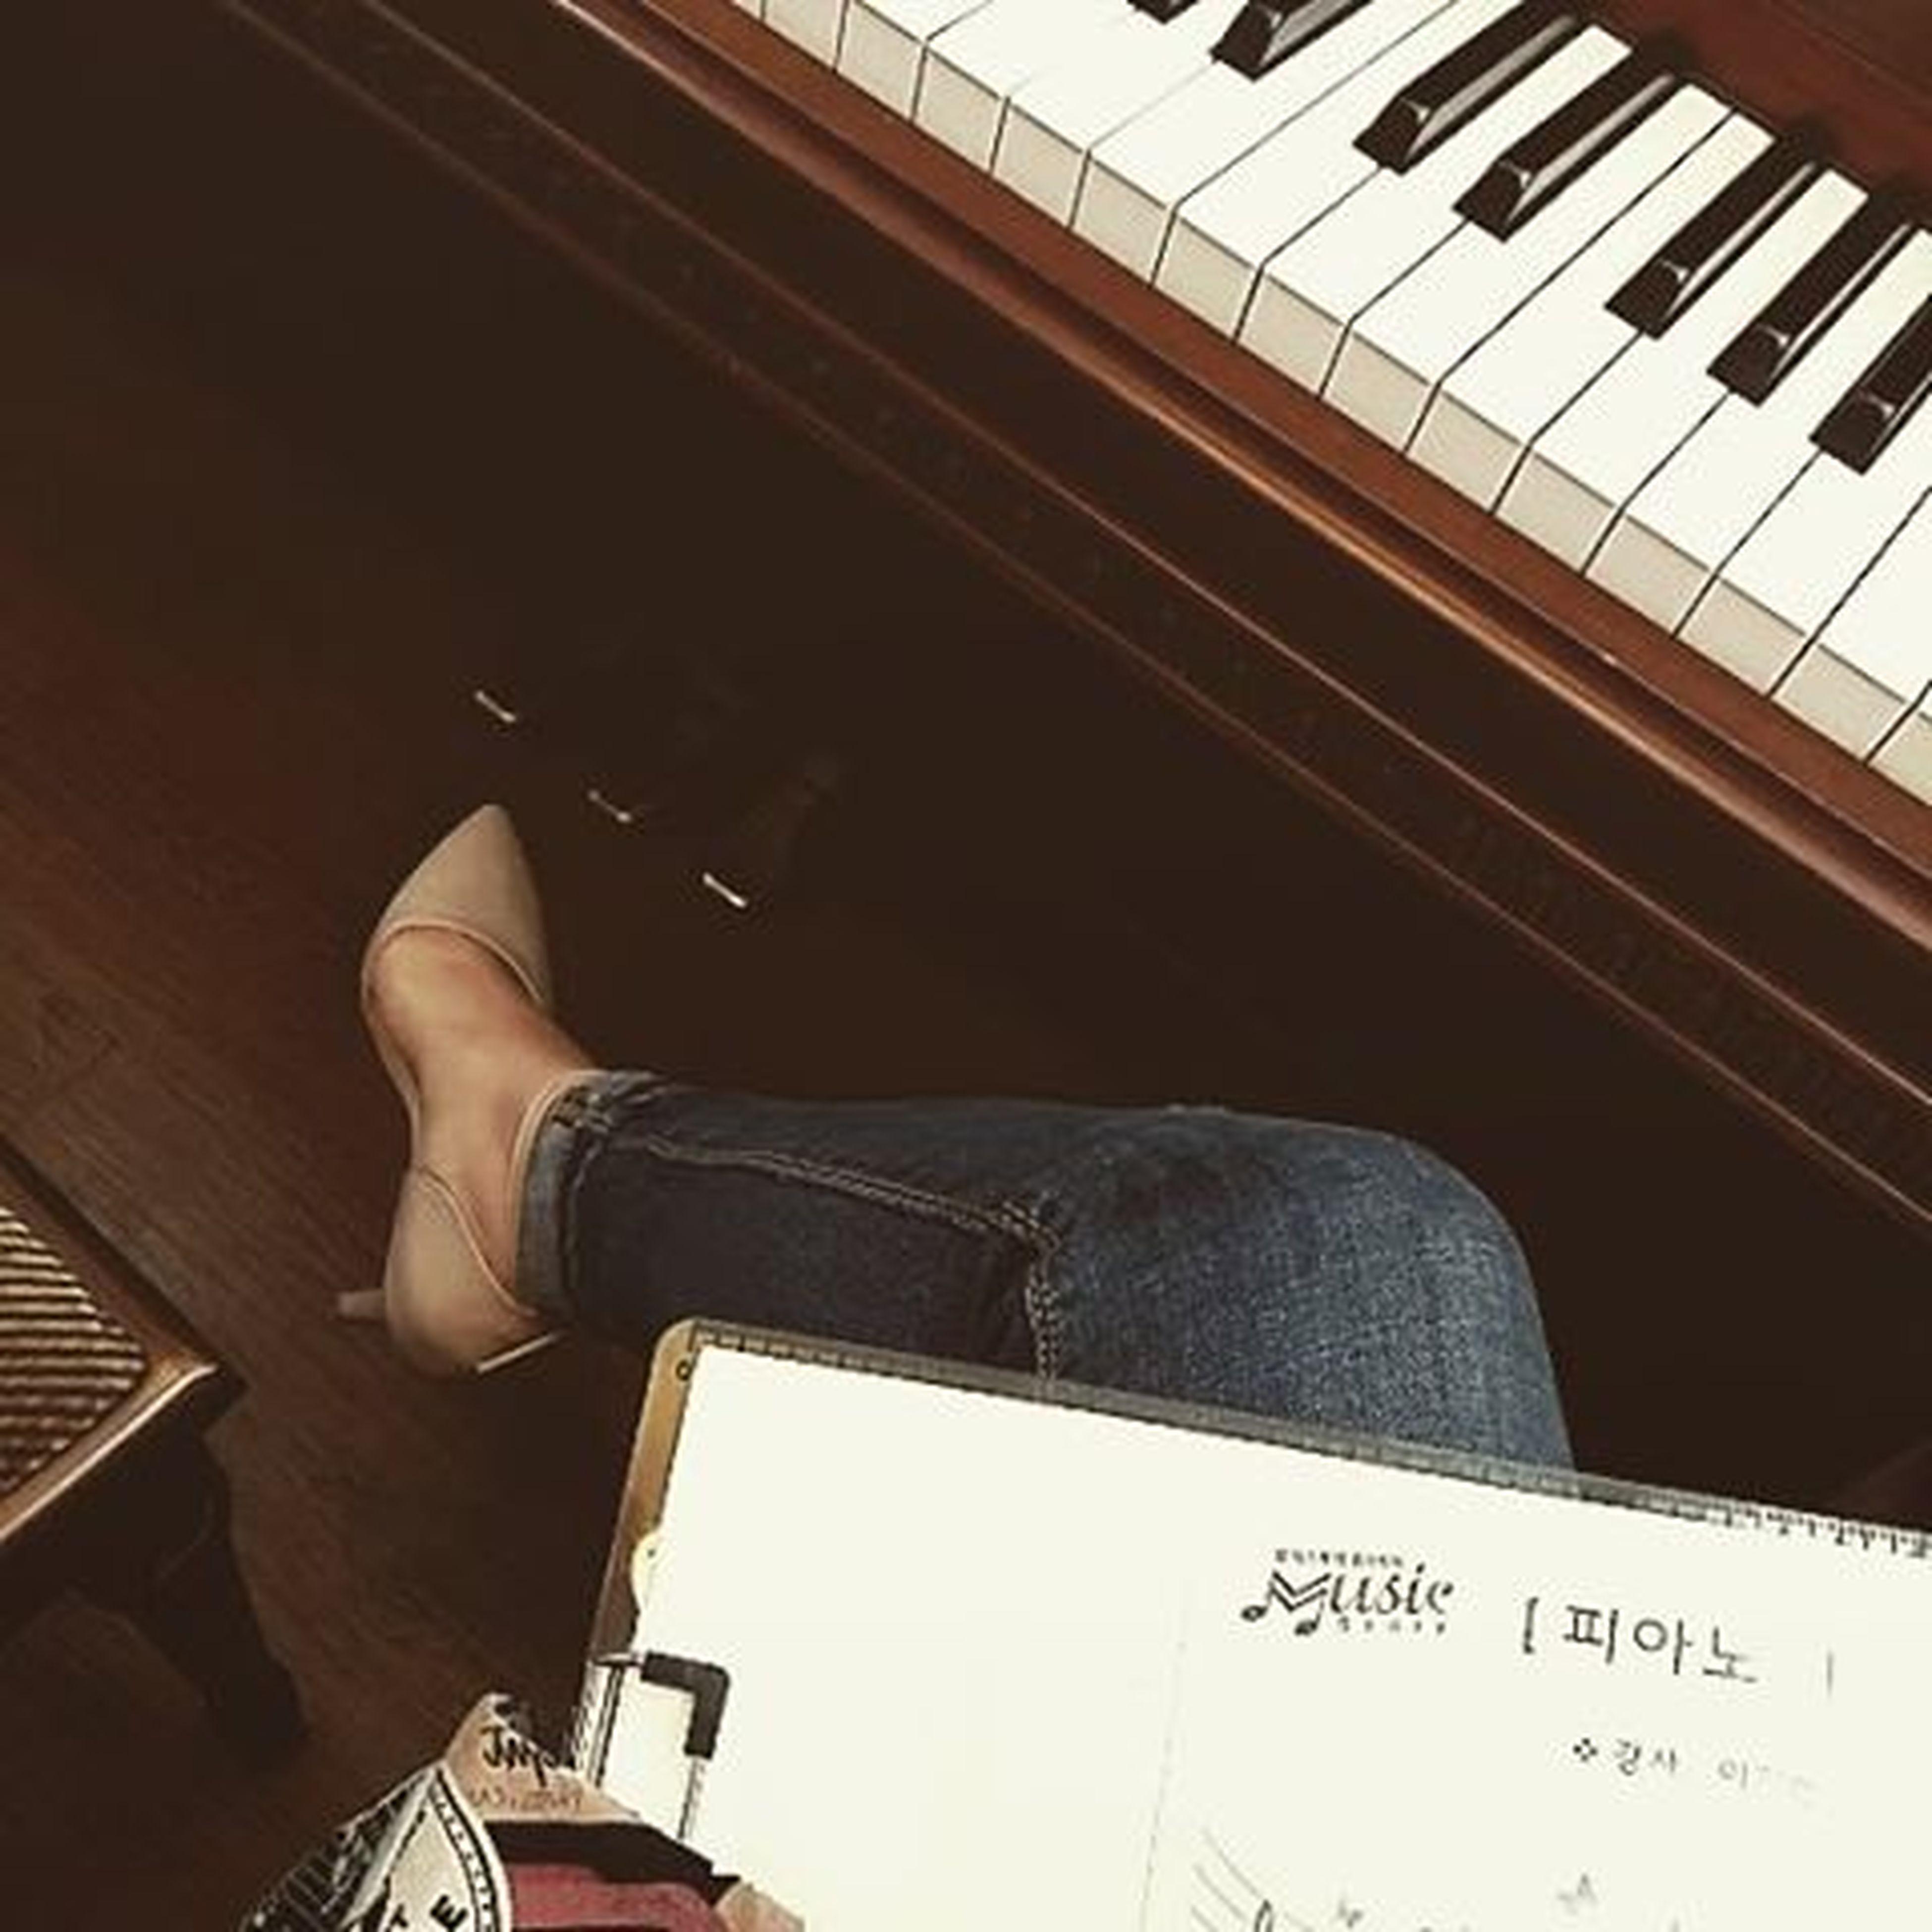 오늘은 다시 일상으로🙈 첫시도 베이지뾰족이구두❤ Piano 피아노 Lesson Diary 일상 Daylelook Shoes 토요일 아침 봄 베이지